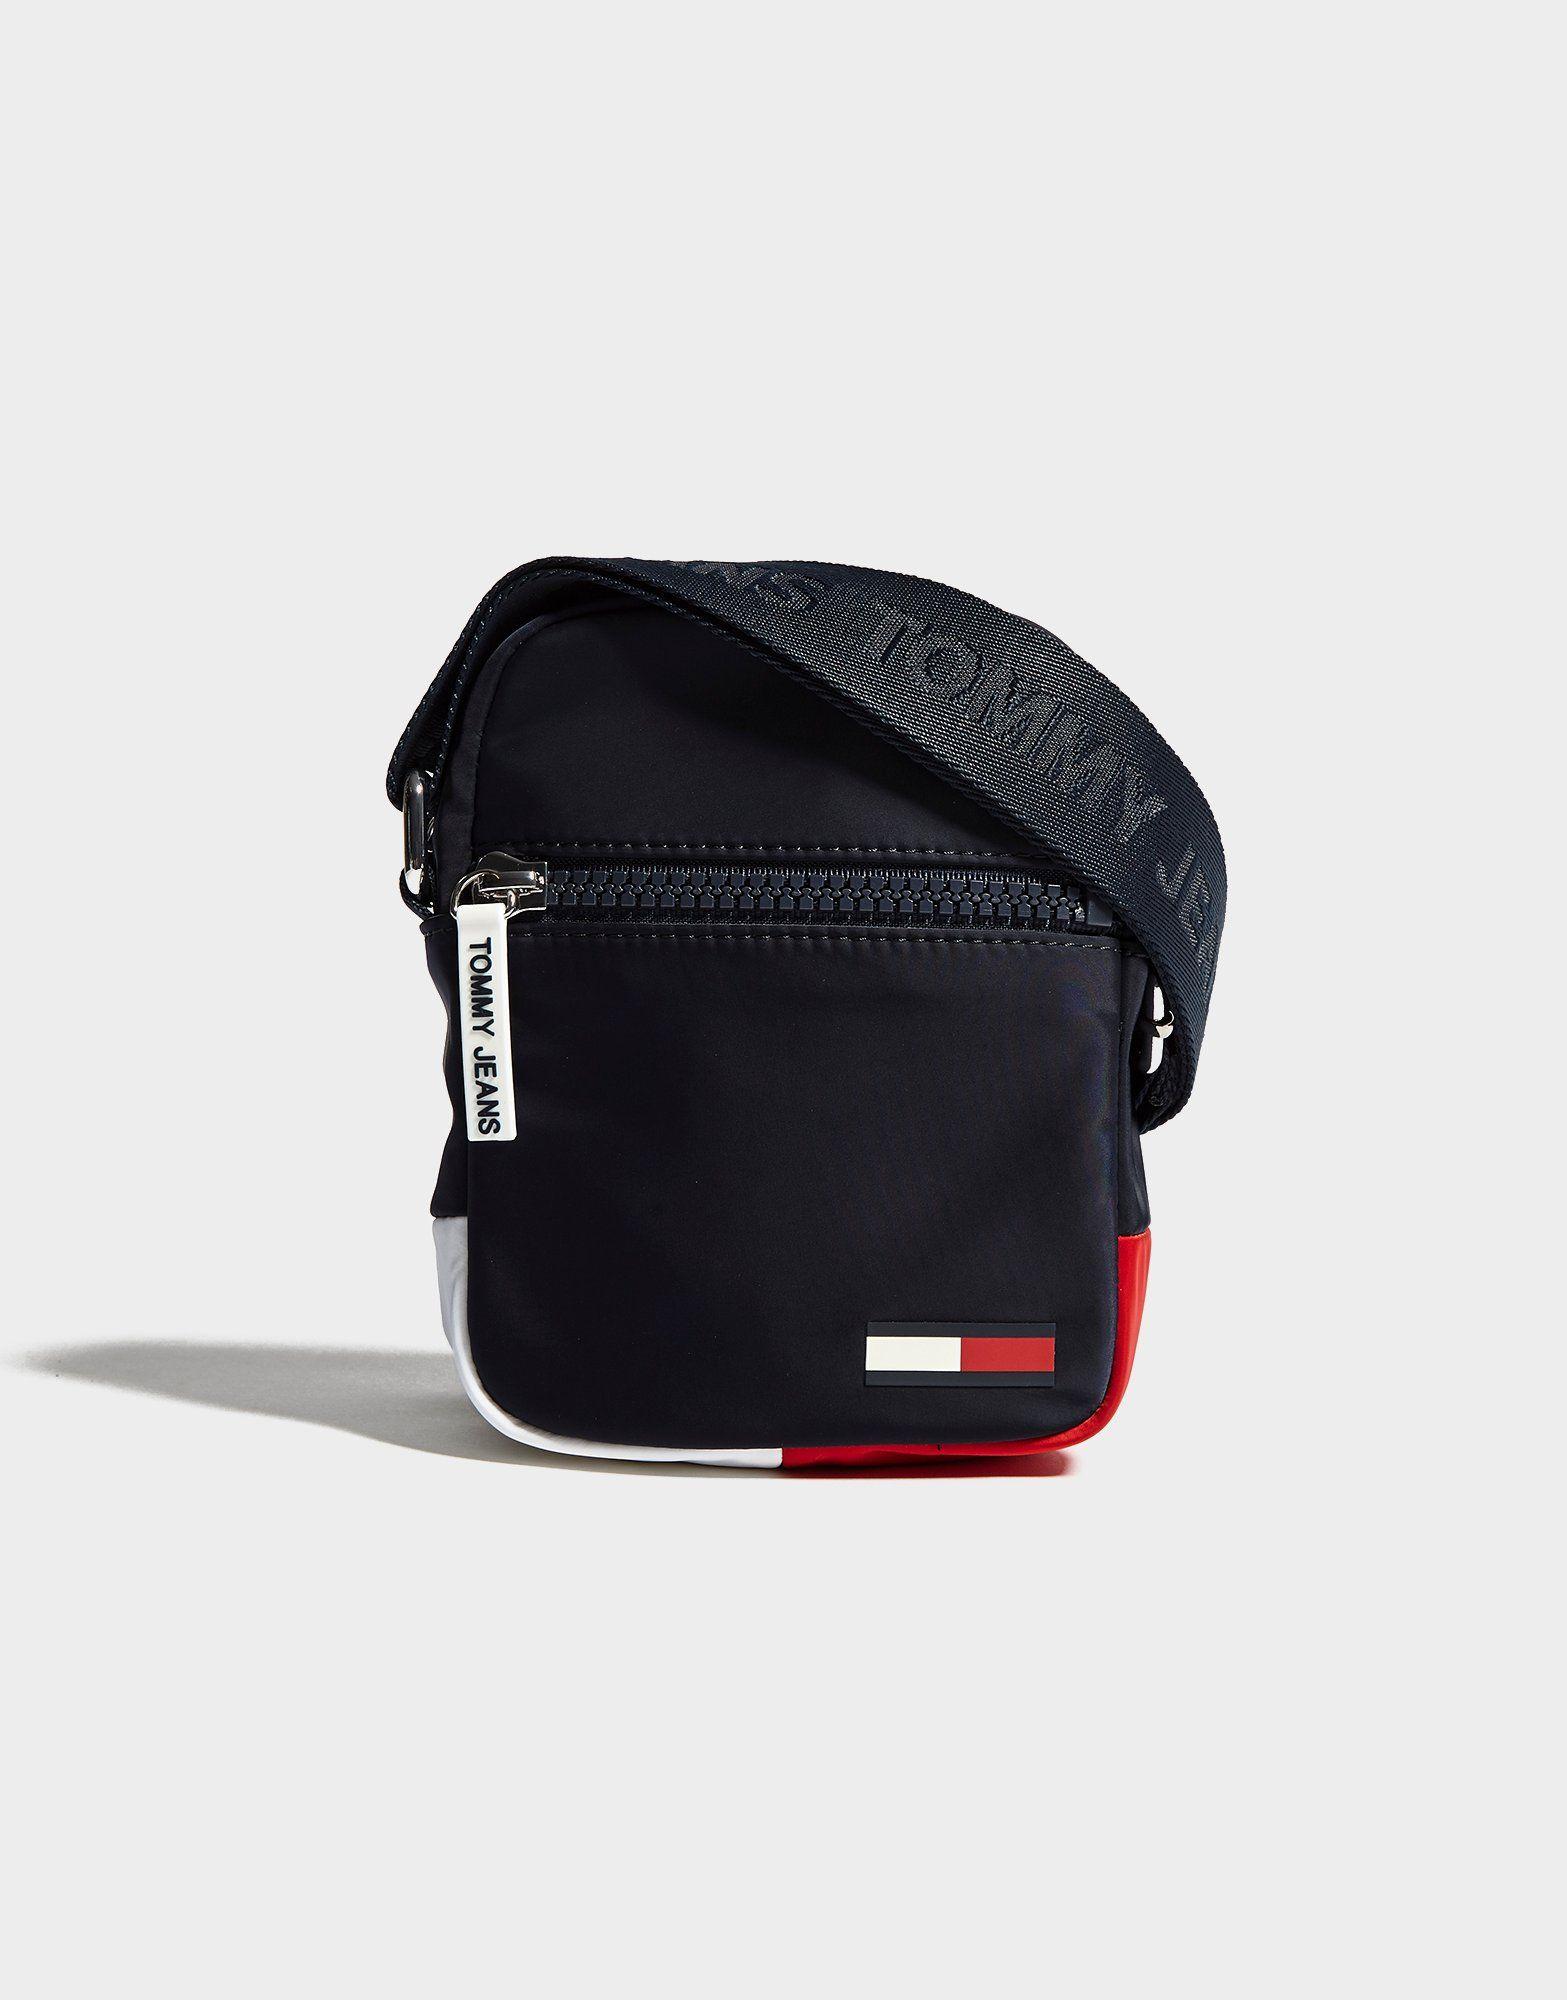 ec0da0fed5 Tommy Hilfiger Mini Duffle Bag Size